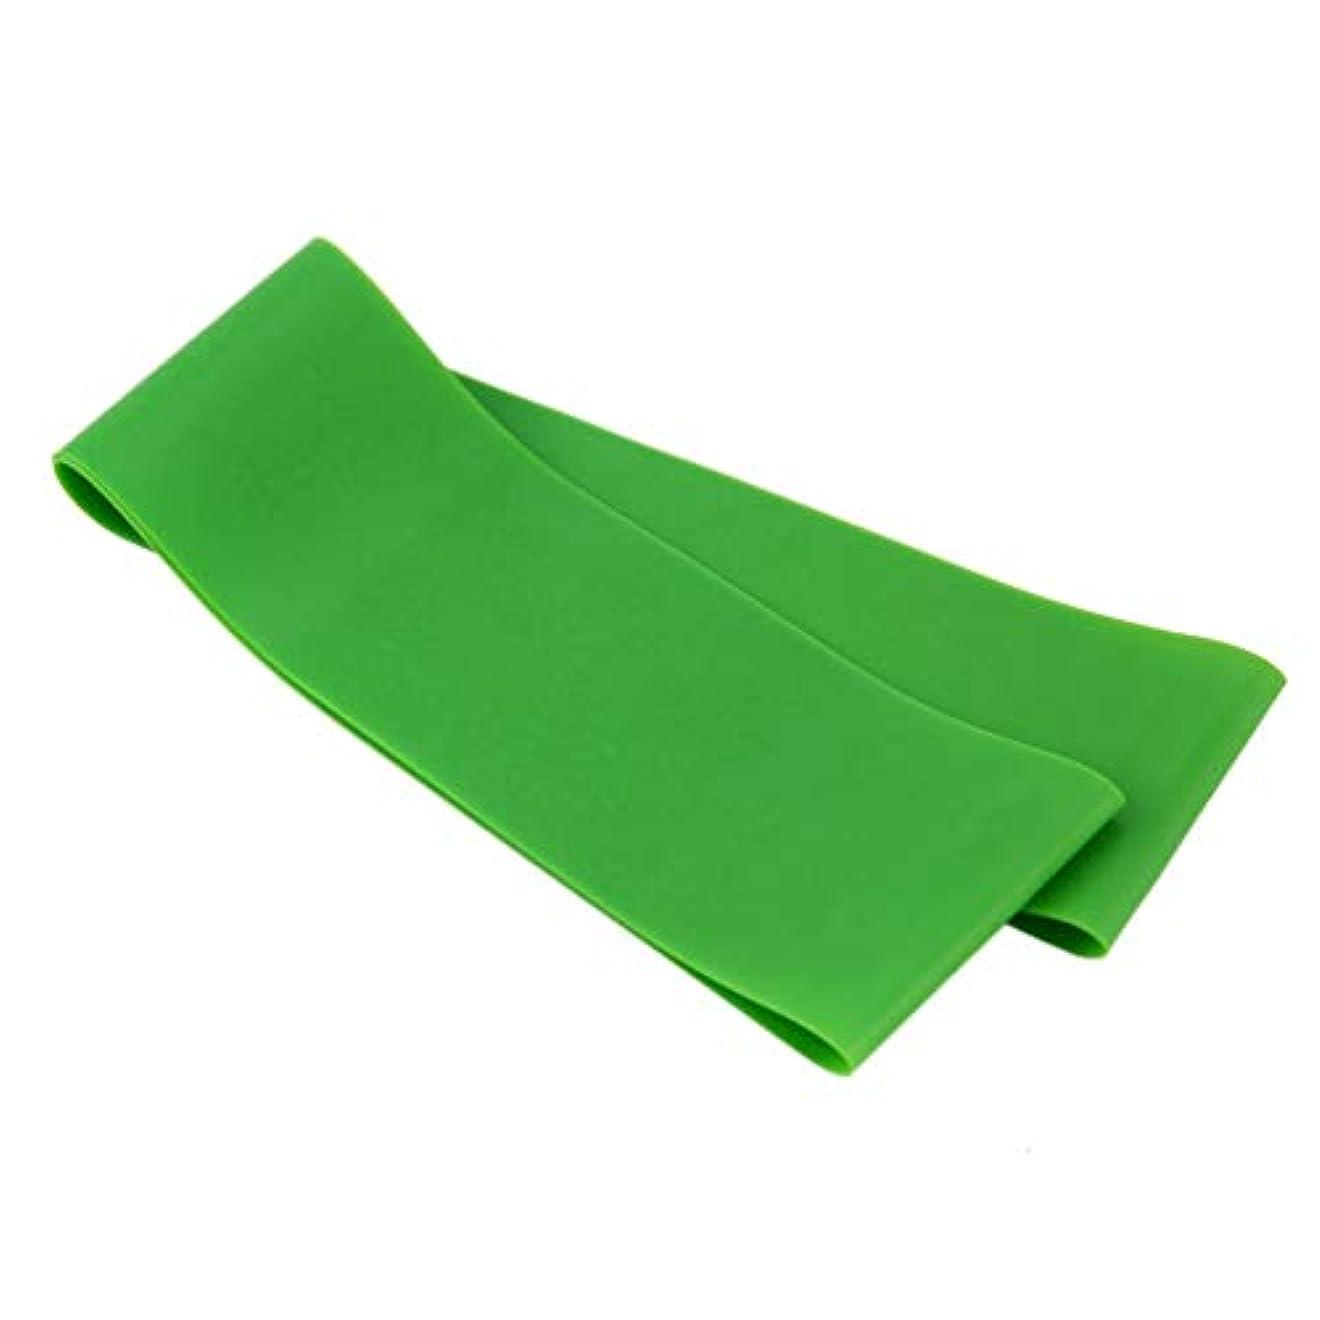 最も説教効能滑り止め伸縮性ゴム弾性ヨガベルトバンドプルロープ張力抵抗バンドループ強度のためのフィットネスヨガツール - グリーン